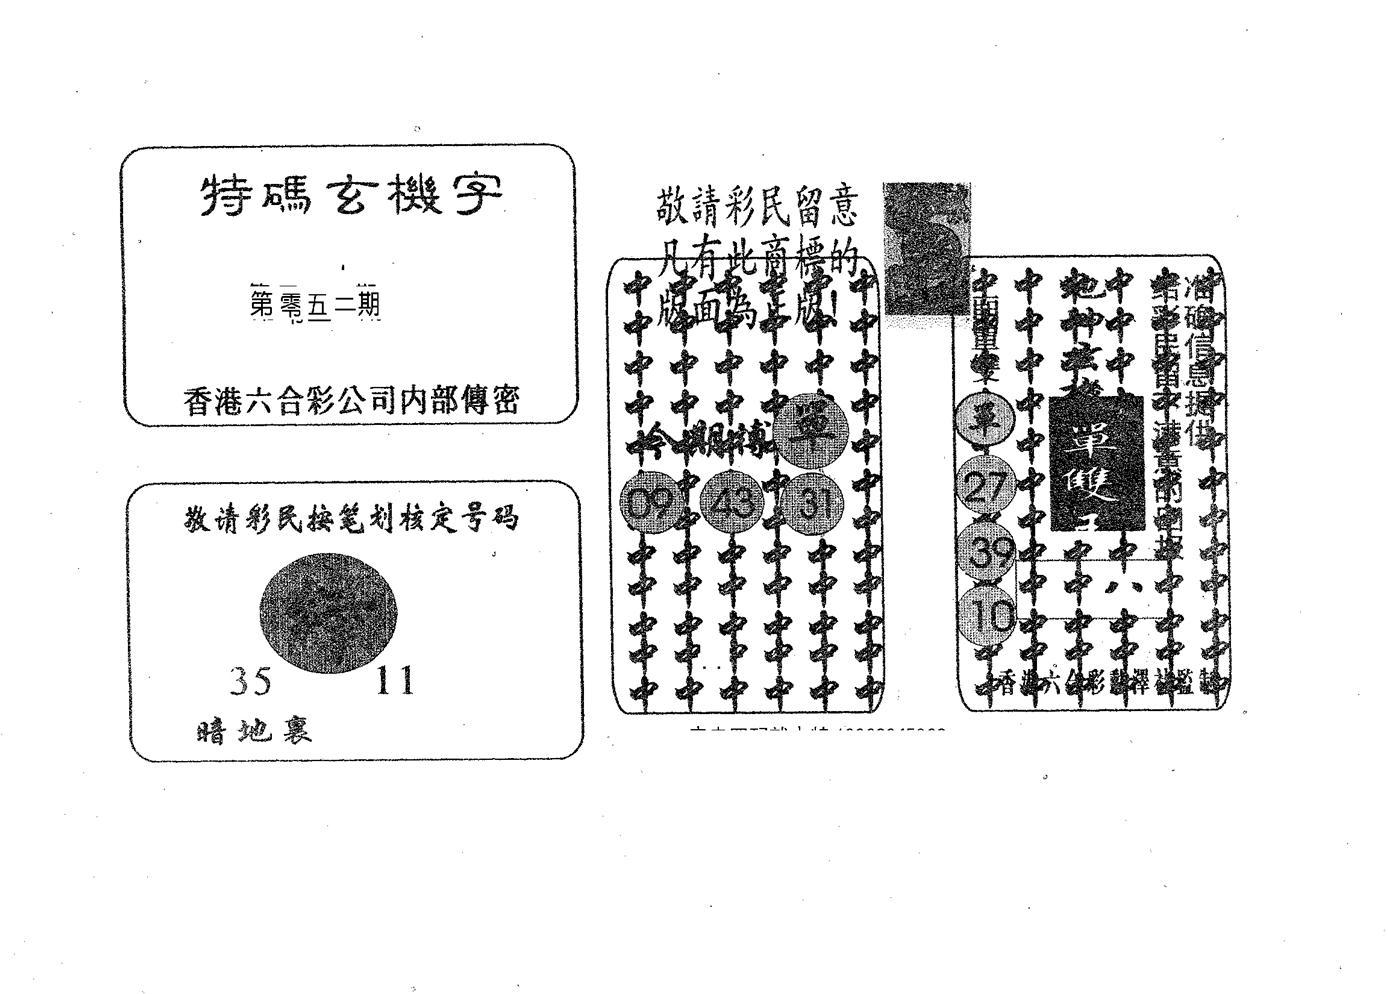 052期特码玄机字(黑白)